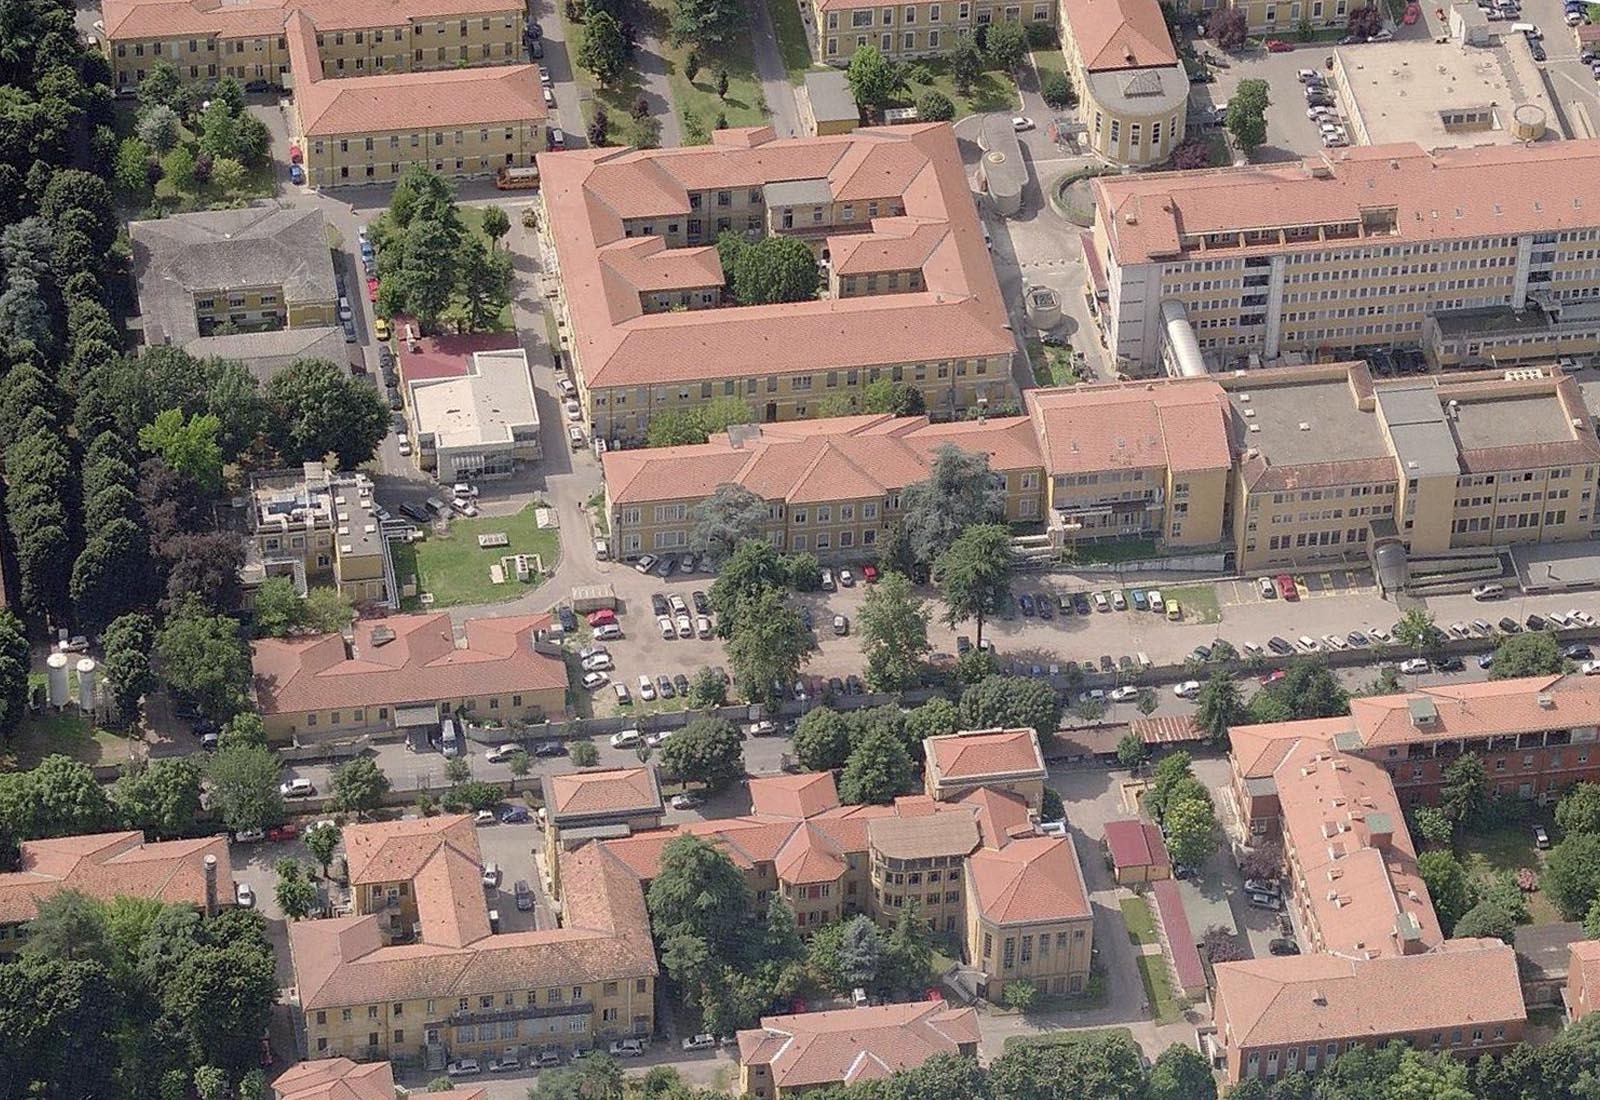 Adeguamenti Policlinico San Matteo a Pavia - Padiglione 10 - Vista aerea